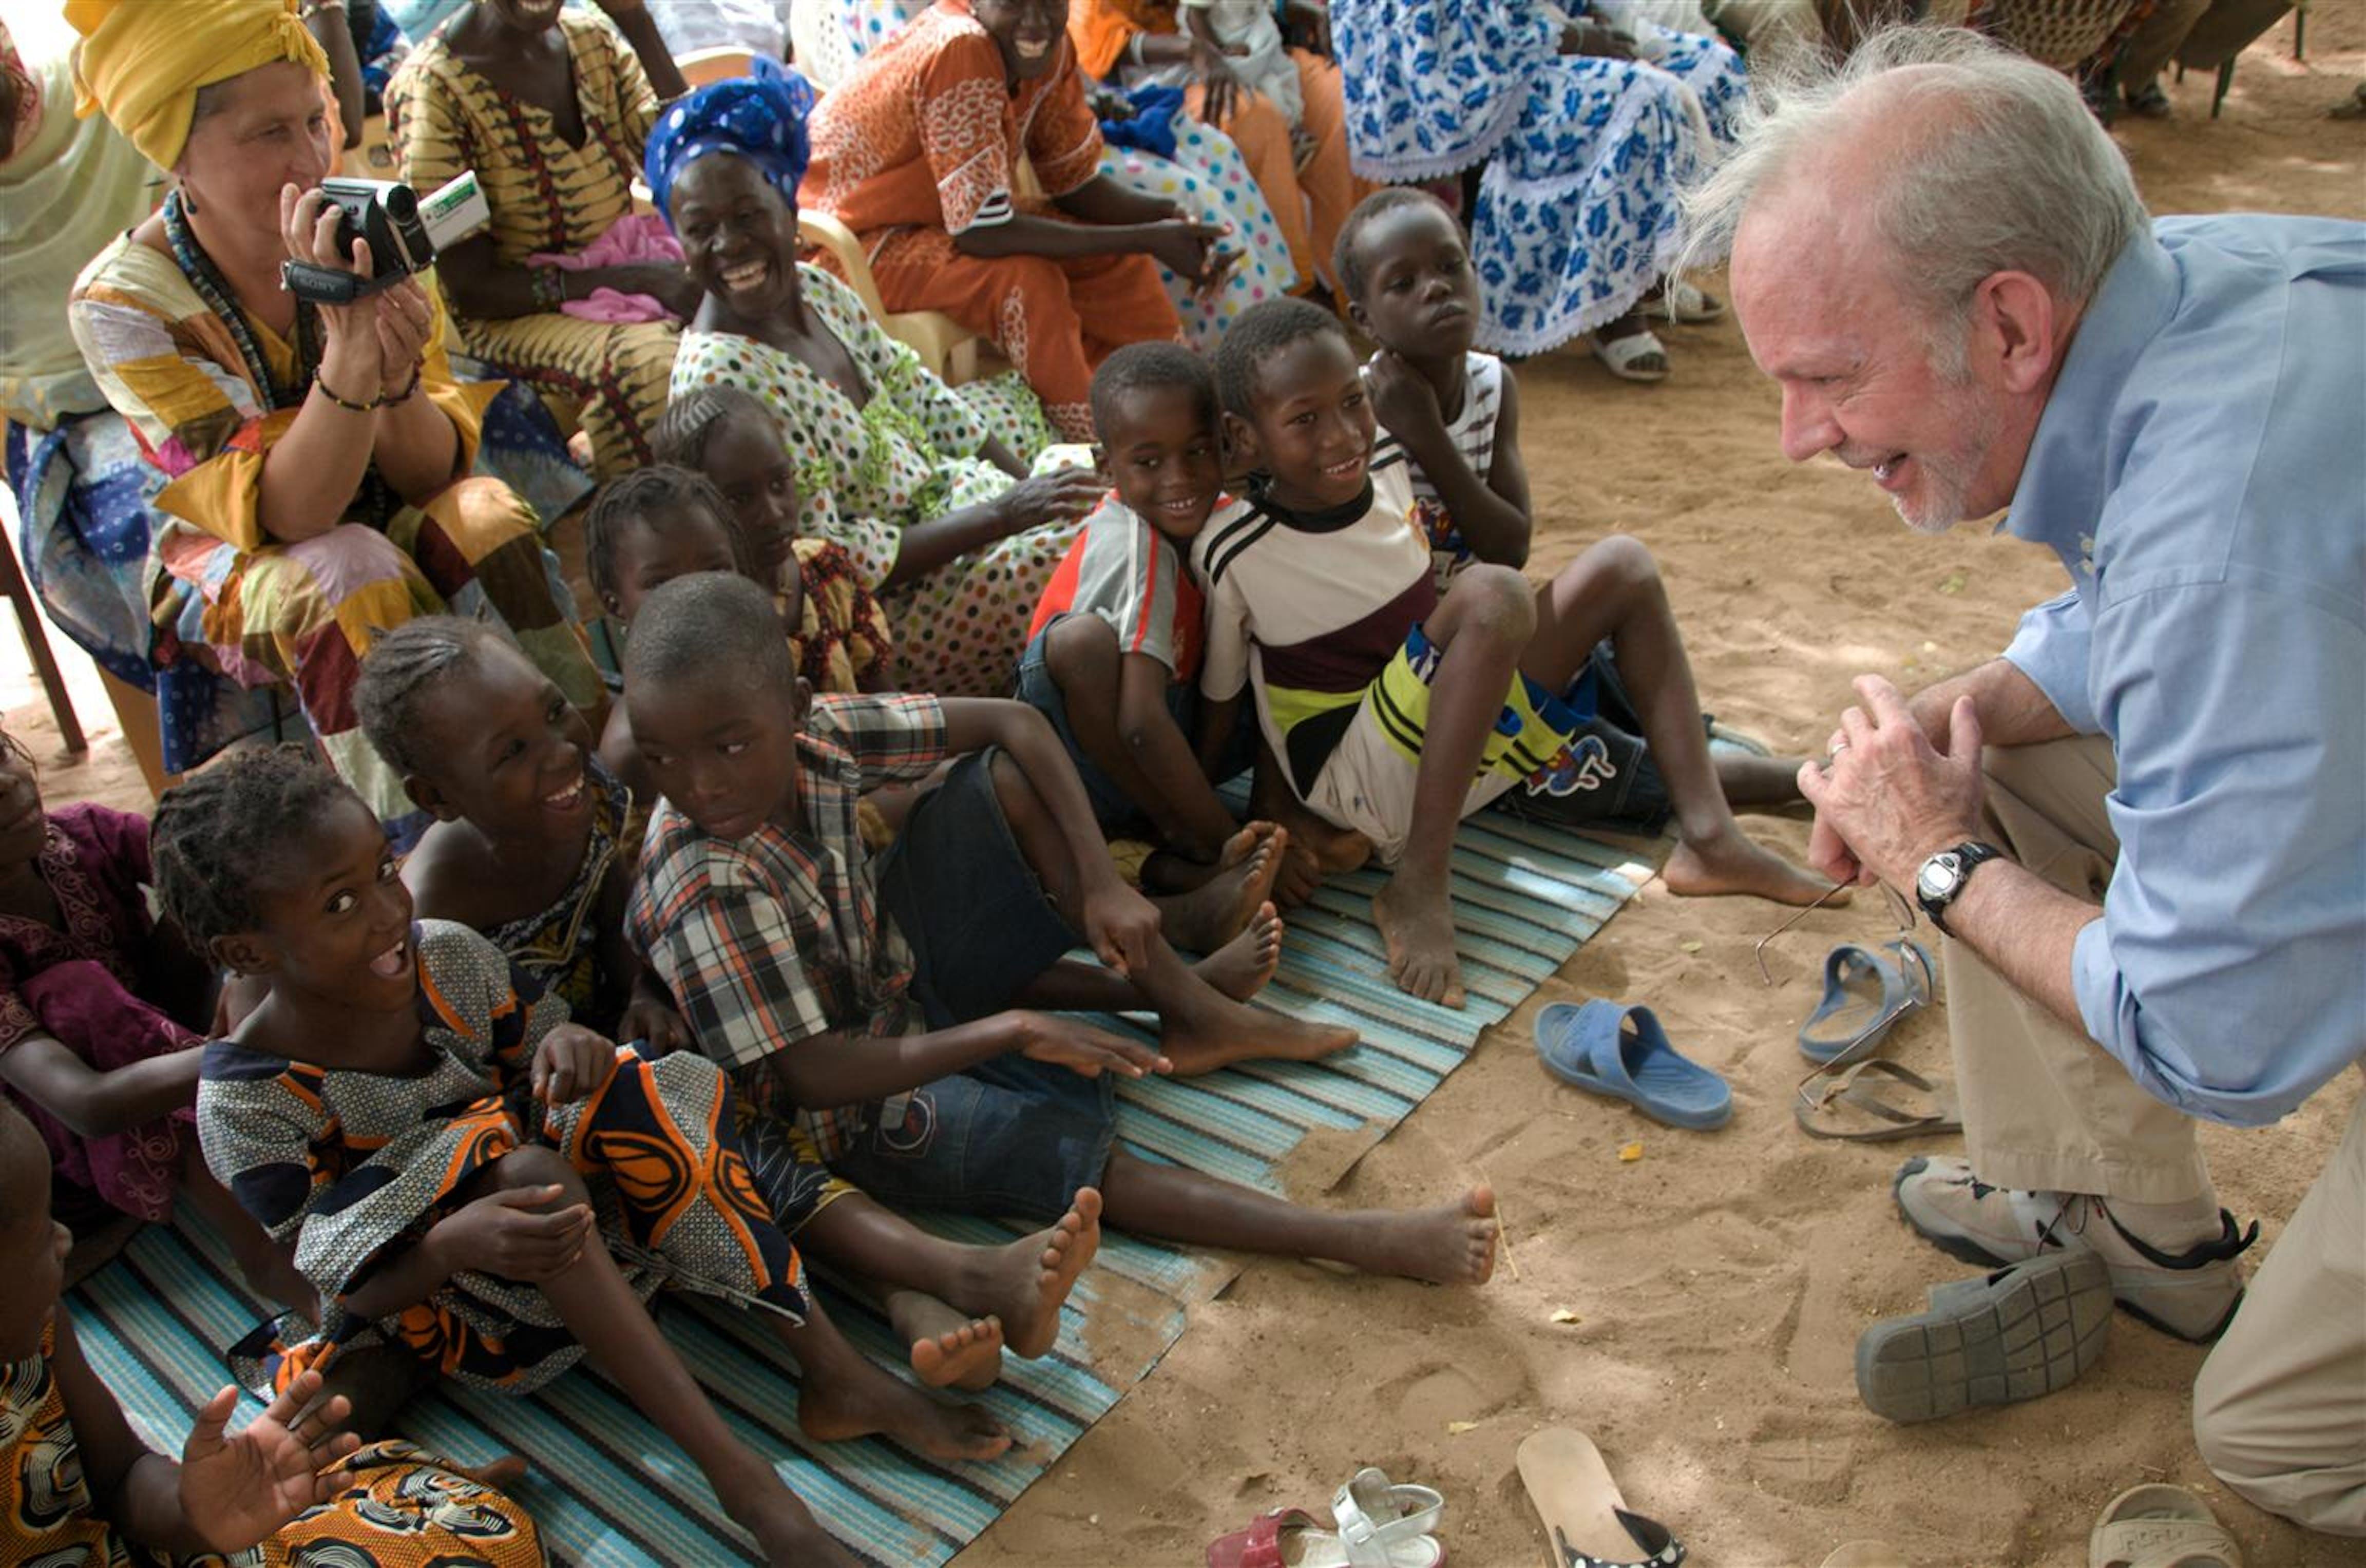 Il Direttore dell'UNICEF Anthony Lake accolto dai bambini durante una visita al villaggio di Keur Simbara, nella regione Thiès, 70 kilometri da Dakar, Senegal